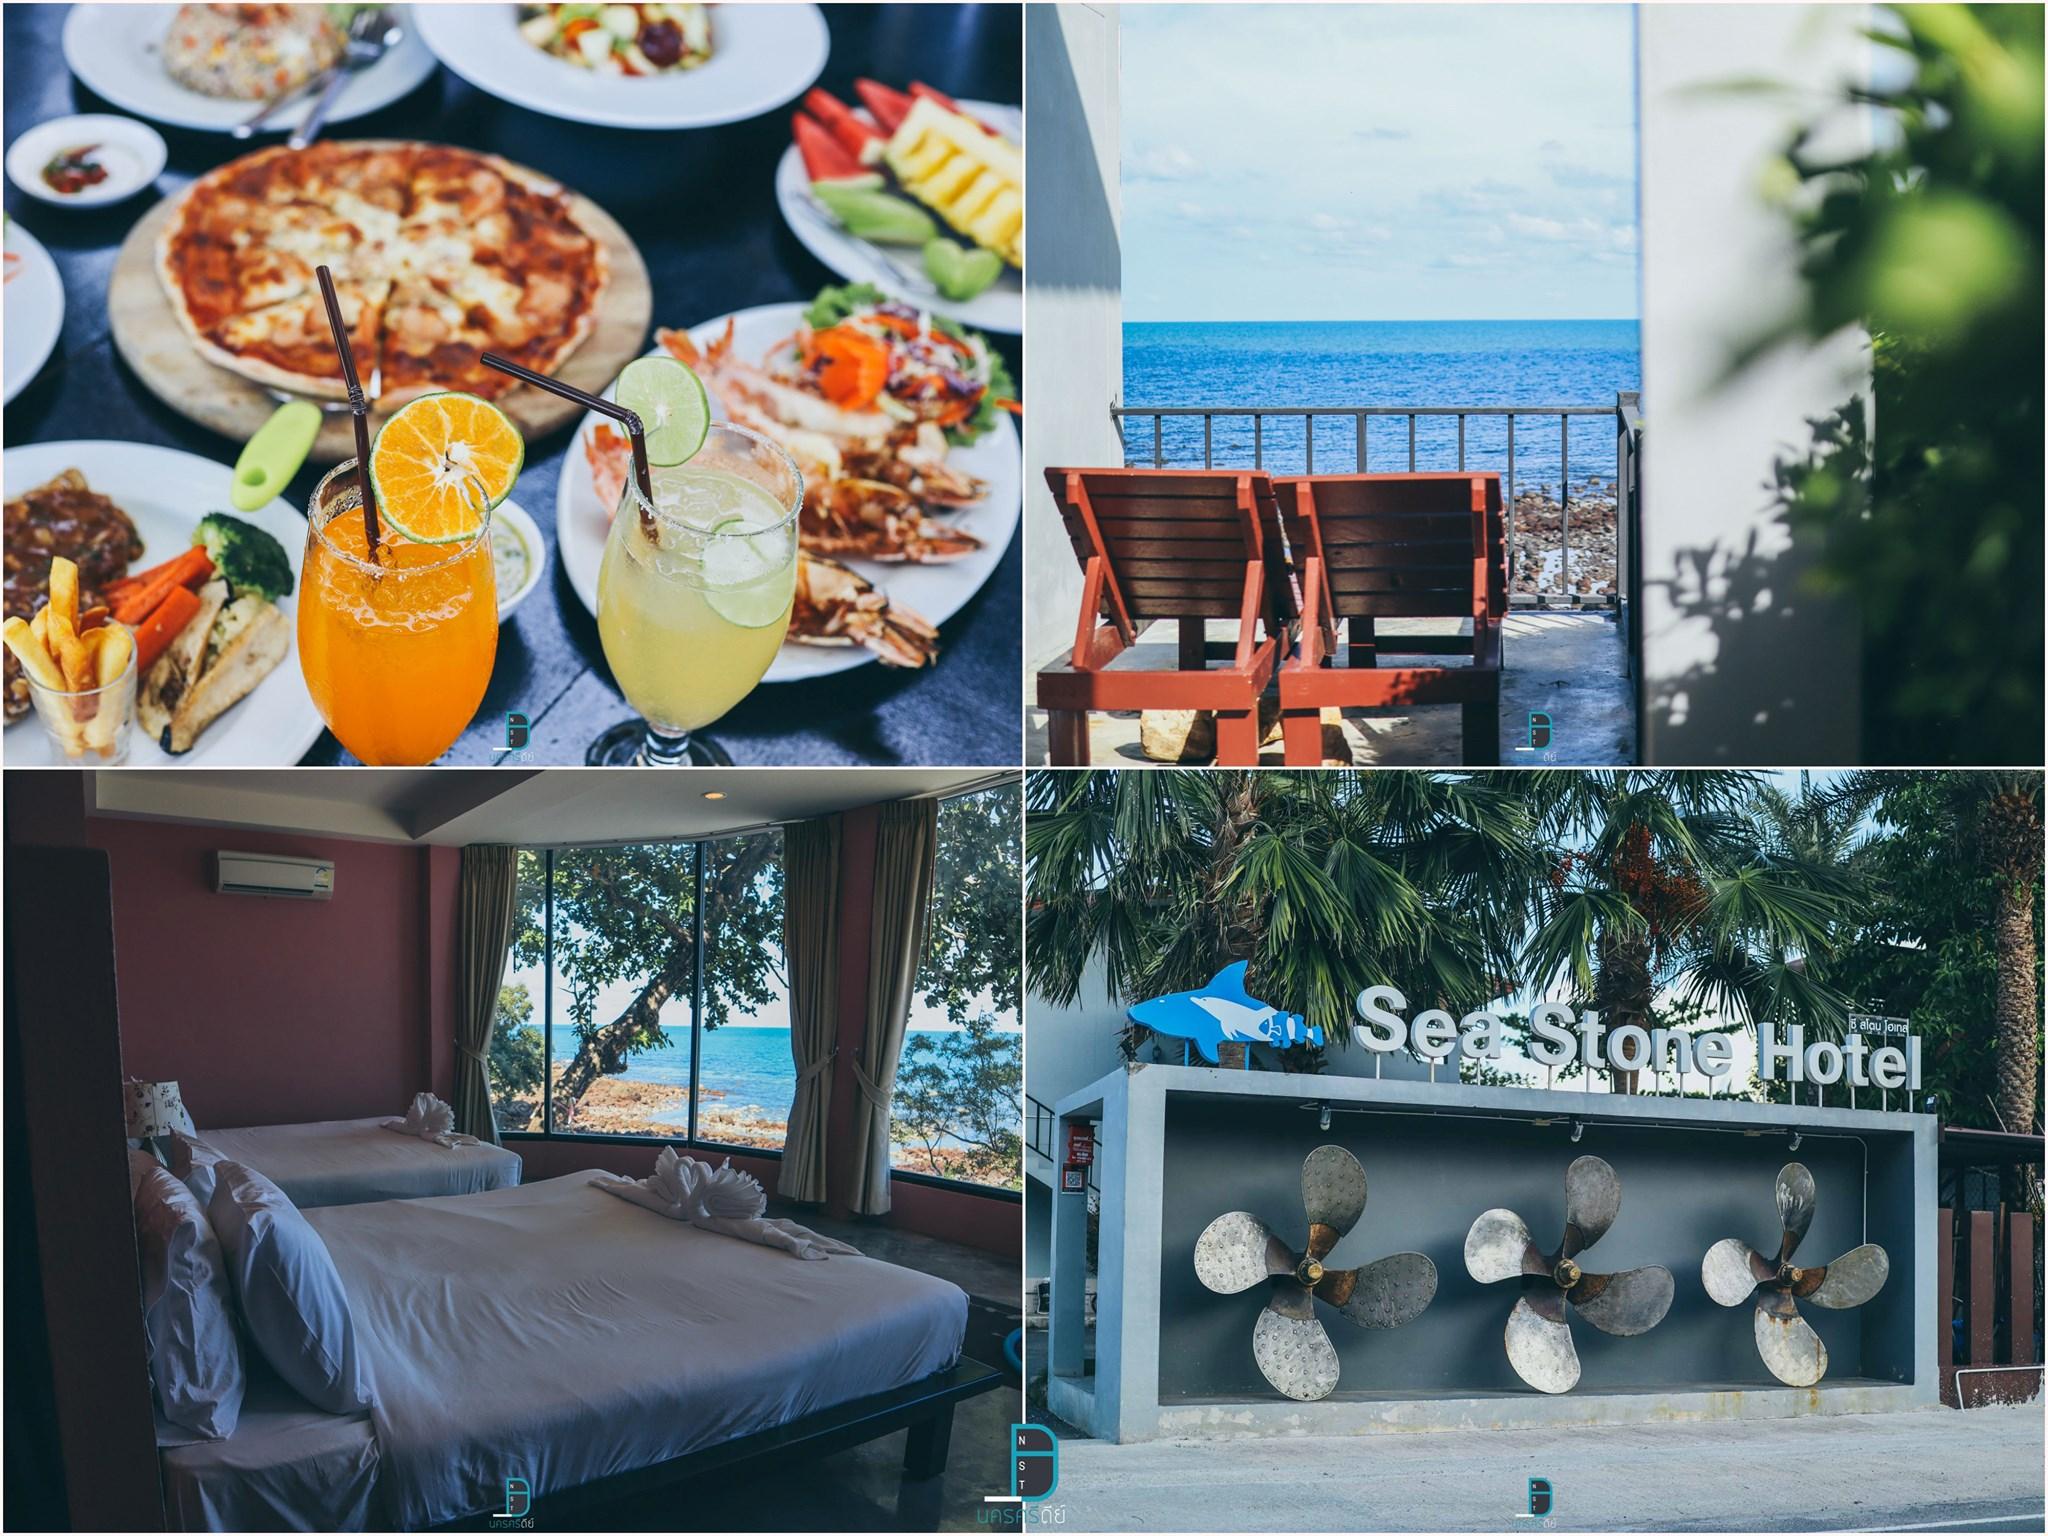 Sea Stone Hotel สิชล ความสวยงามของห้องพัก วิวทะเลหินงาม พร้อมทั้งร้านอาหารเด็ดๆ ต้องมาเช็คอินกันนะครับ รายละเอียดเพิ่มเติม เช็คราคา จองห้องพักที่นี่